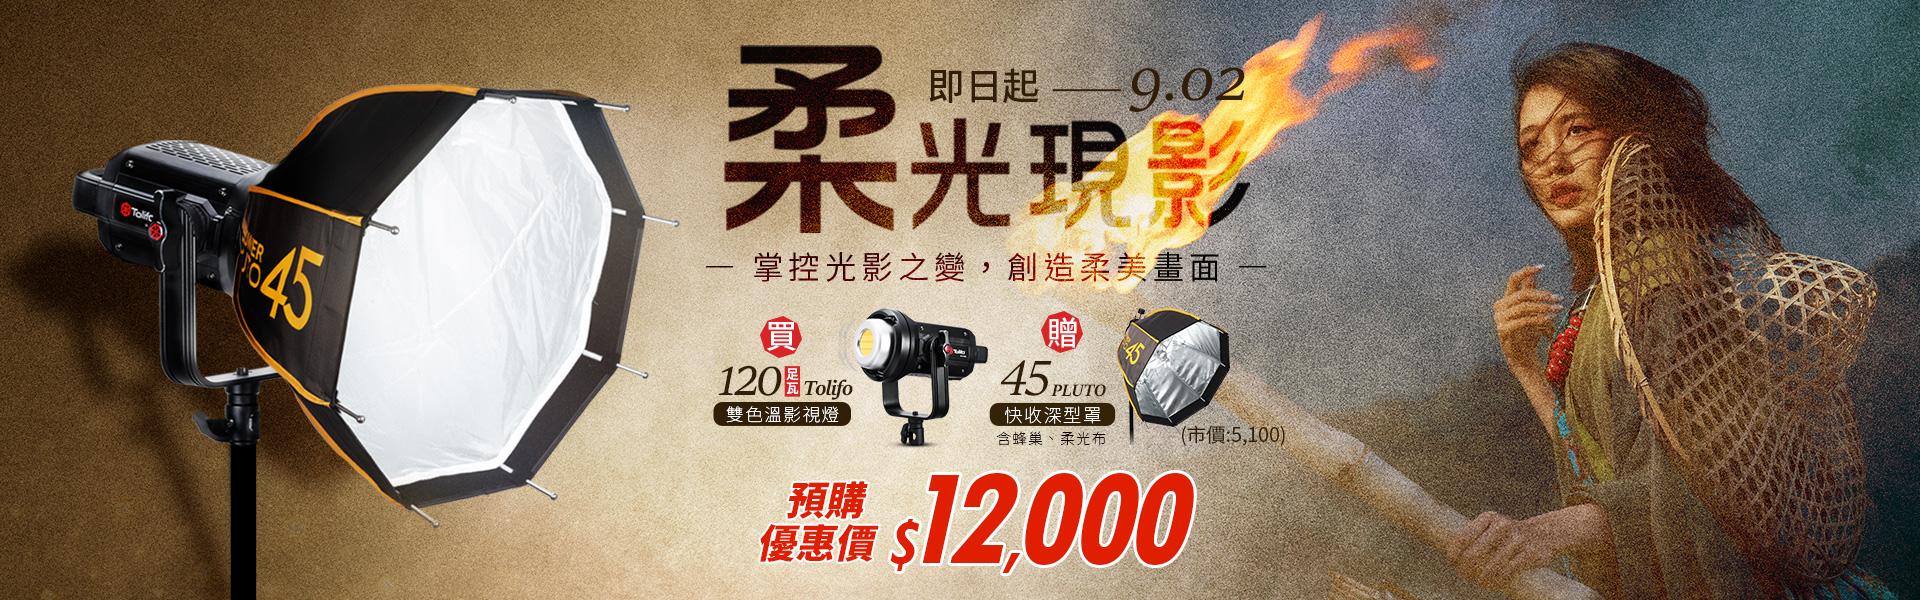 【柔光現影】Tolifo 120W影視燈預購活動〈加贈 PLUTO45 燈罩〉